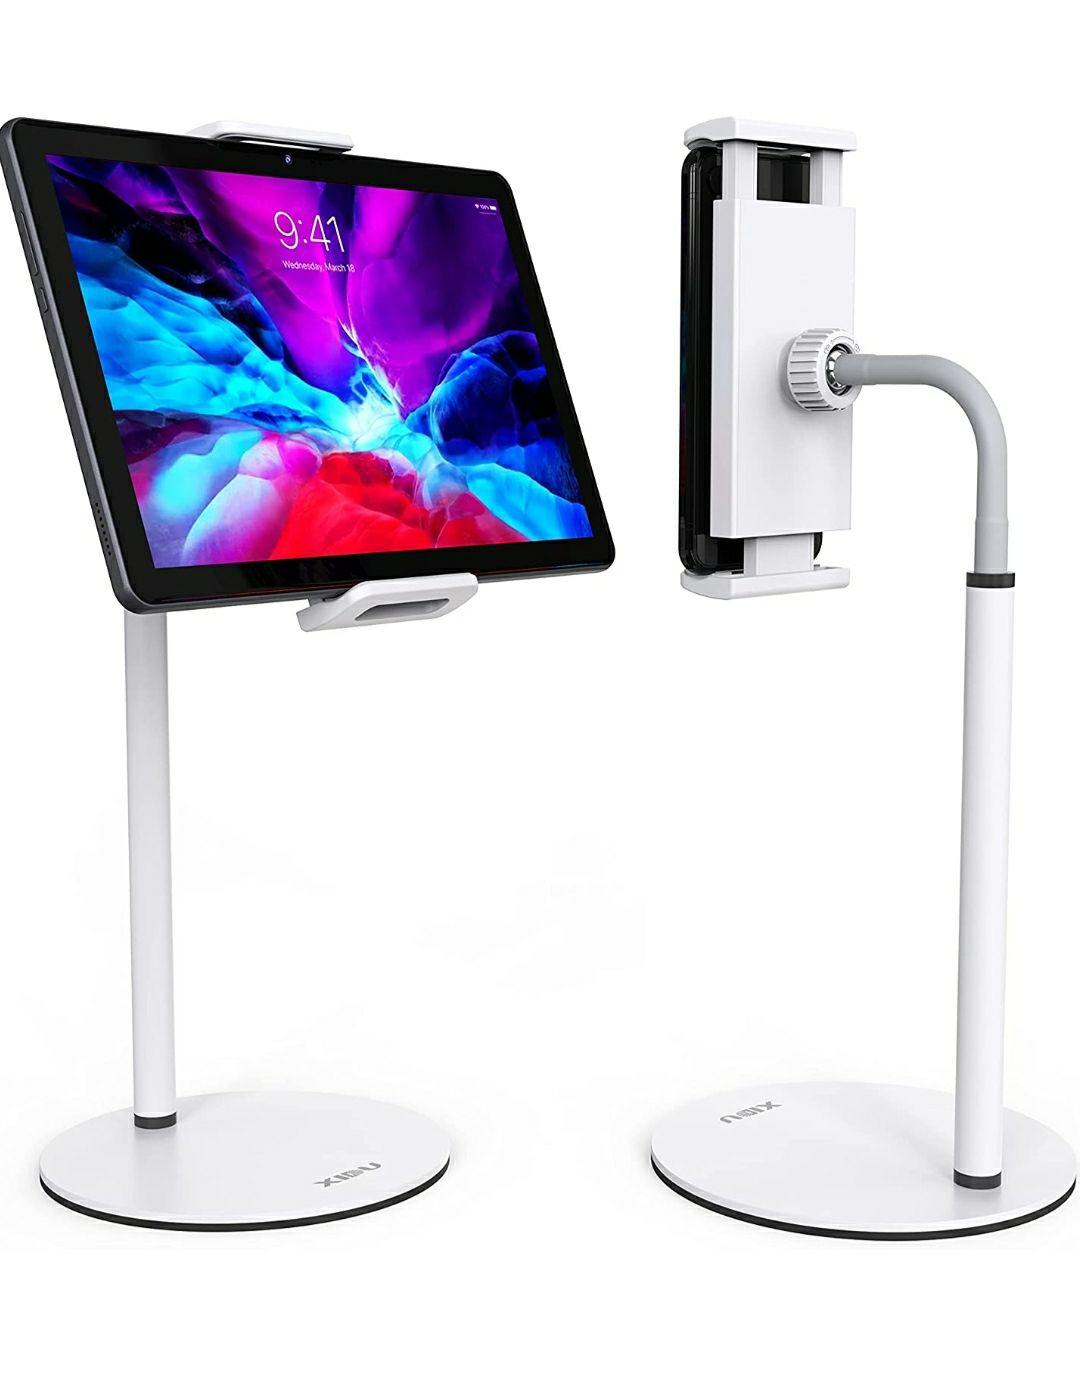 Supporto Tablet o Smartphone da Tavolo Girevole a 360° Regolabile